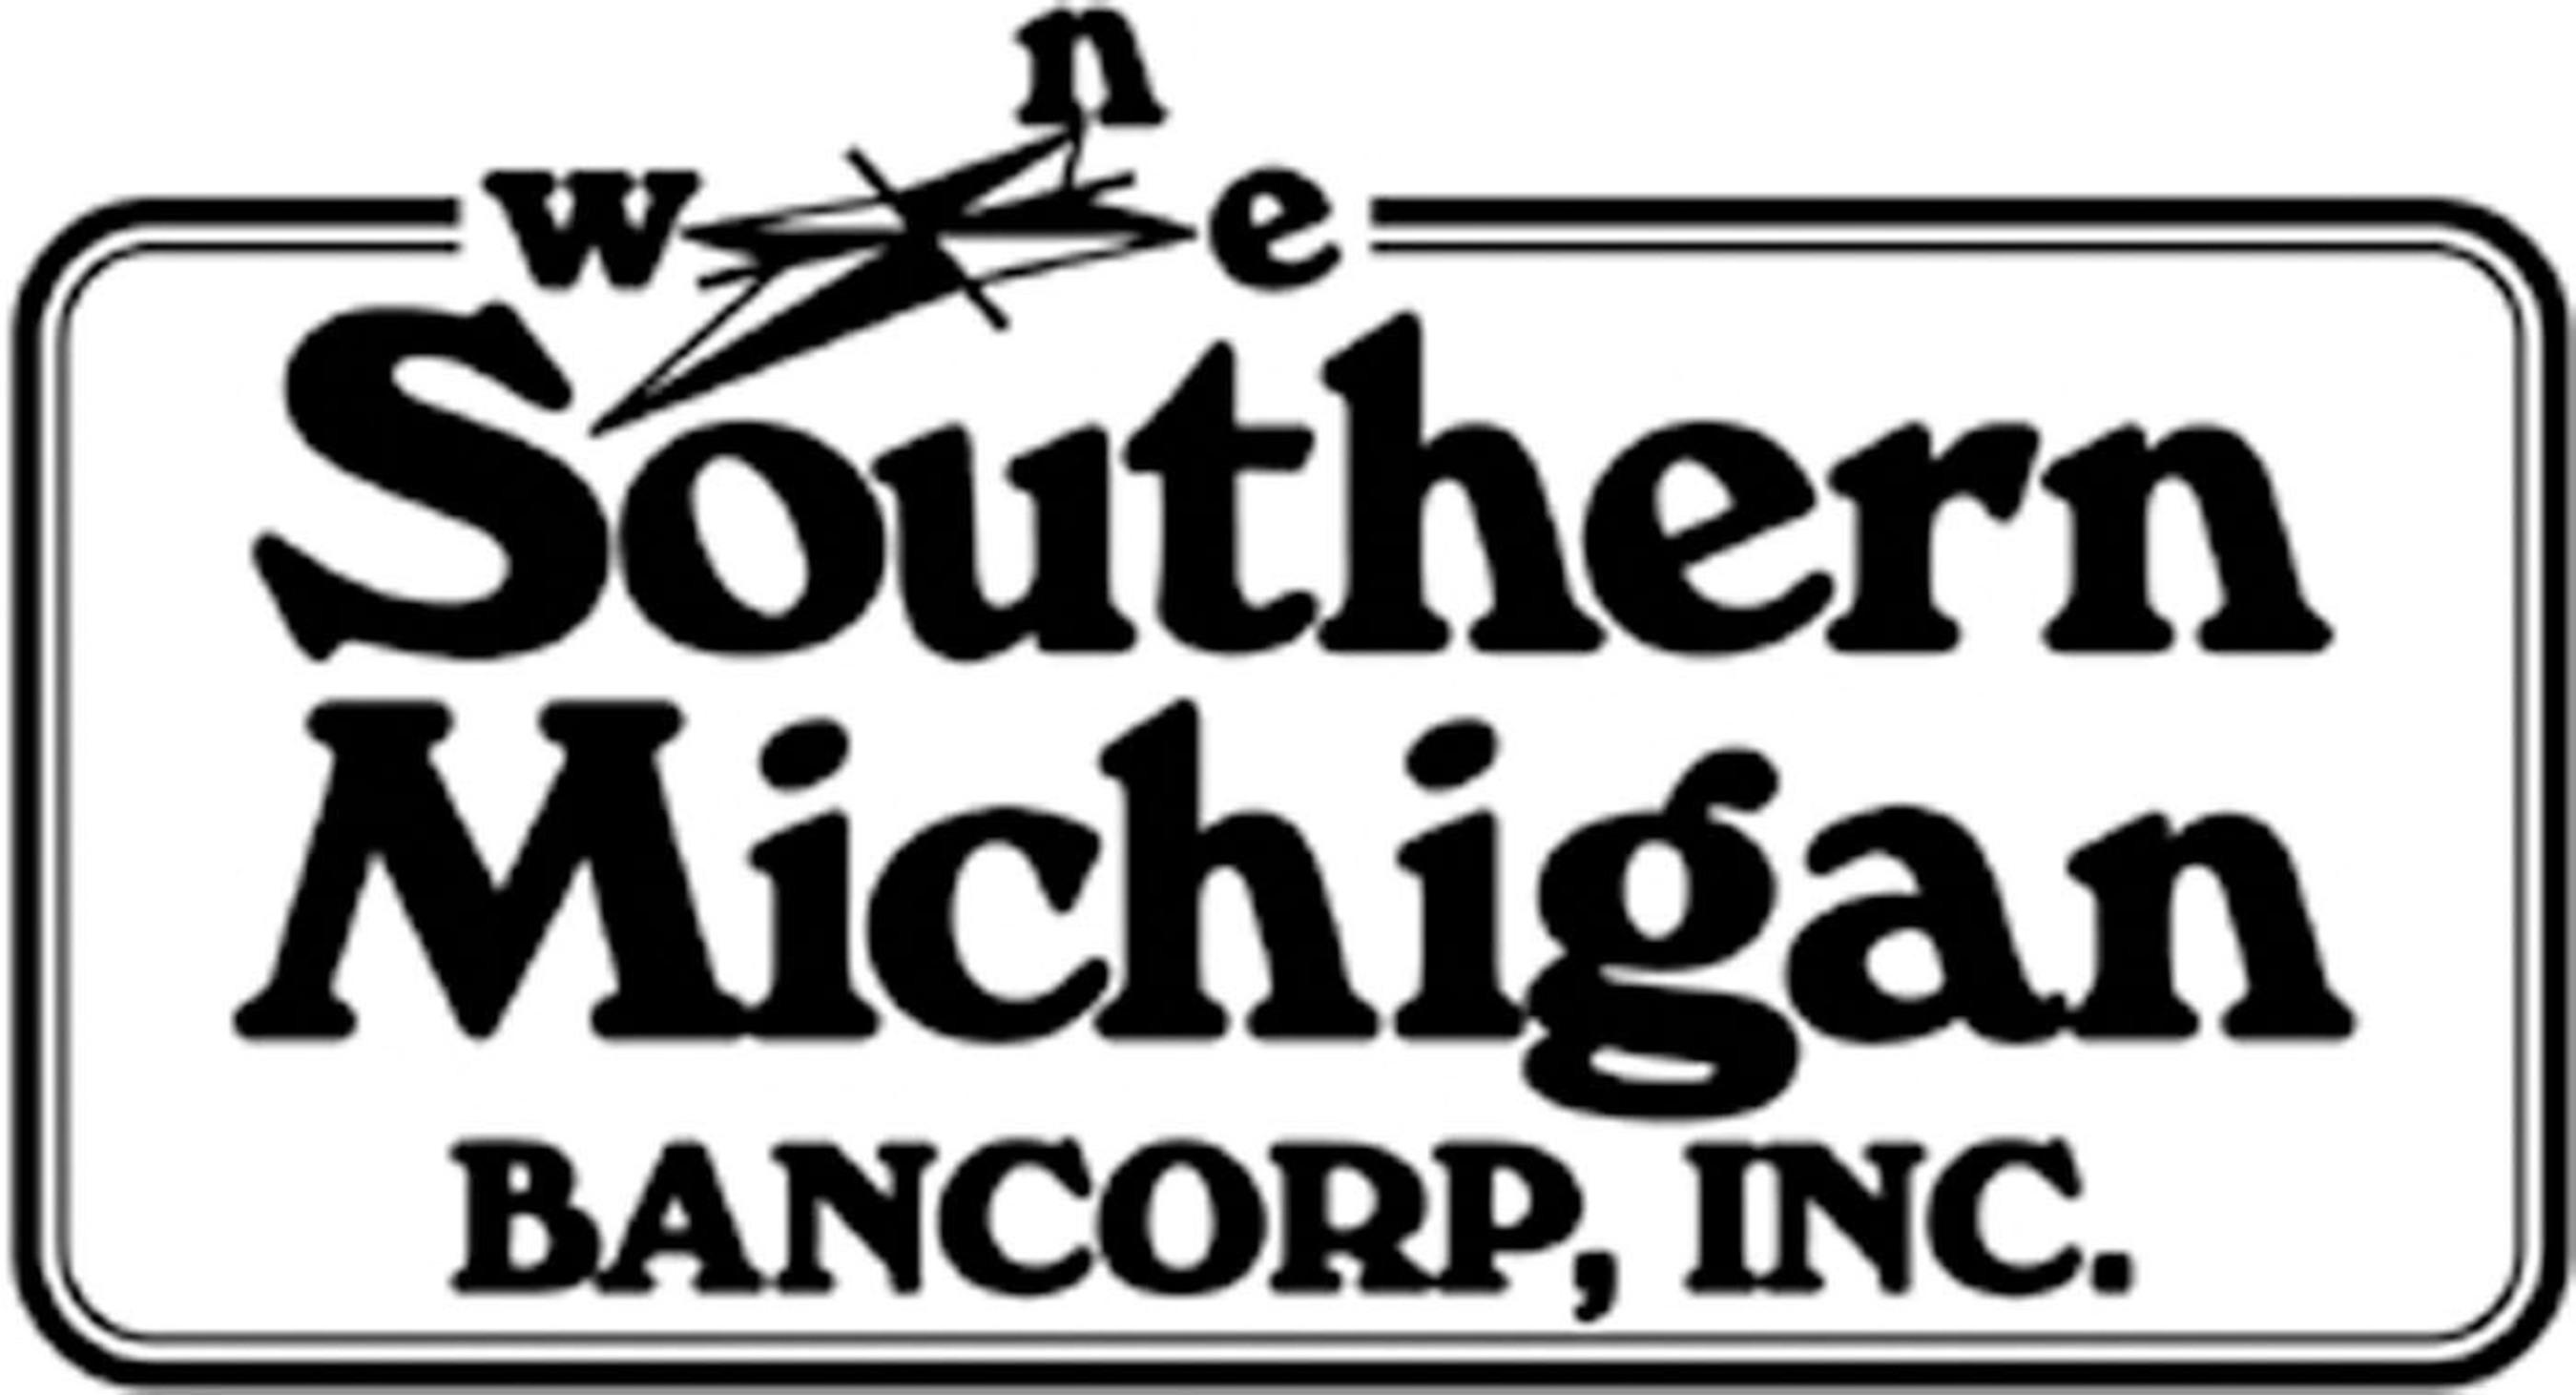 Southern Michigan Bancorp, Inc. (PRNewsFoto/Southern Michigan Bancorp, Inc.)